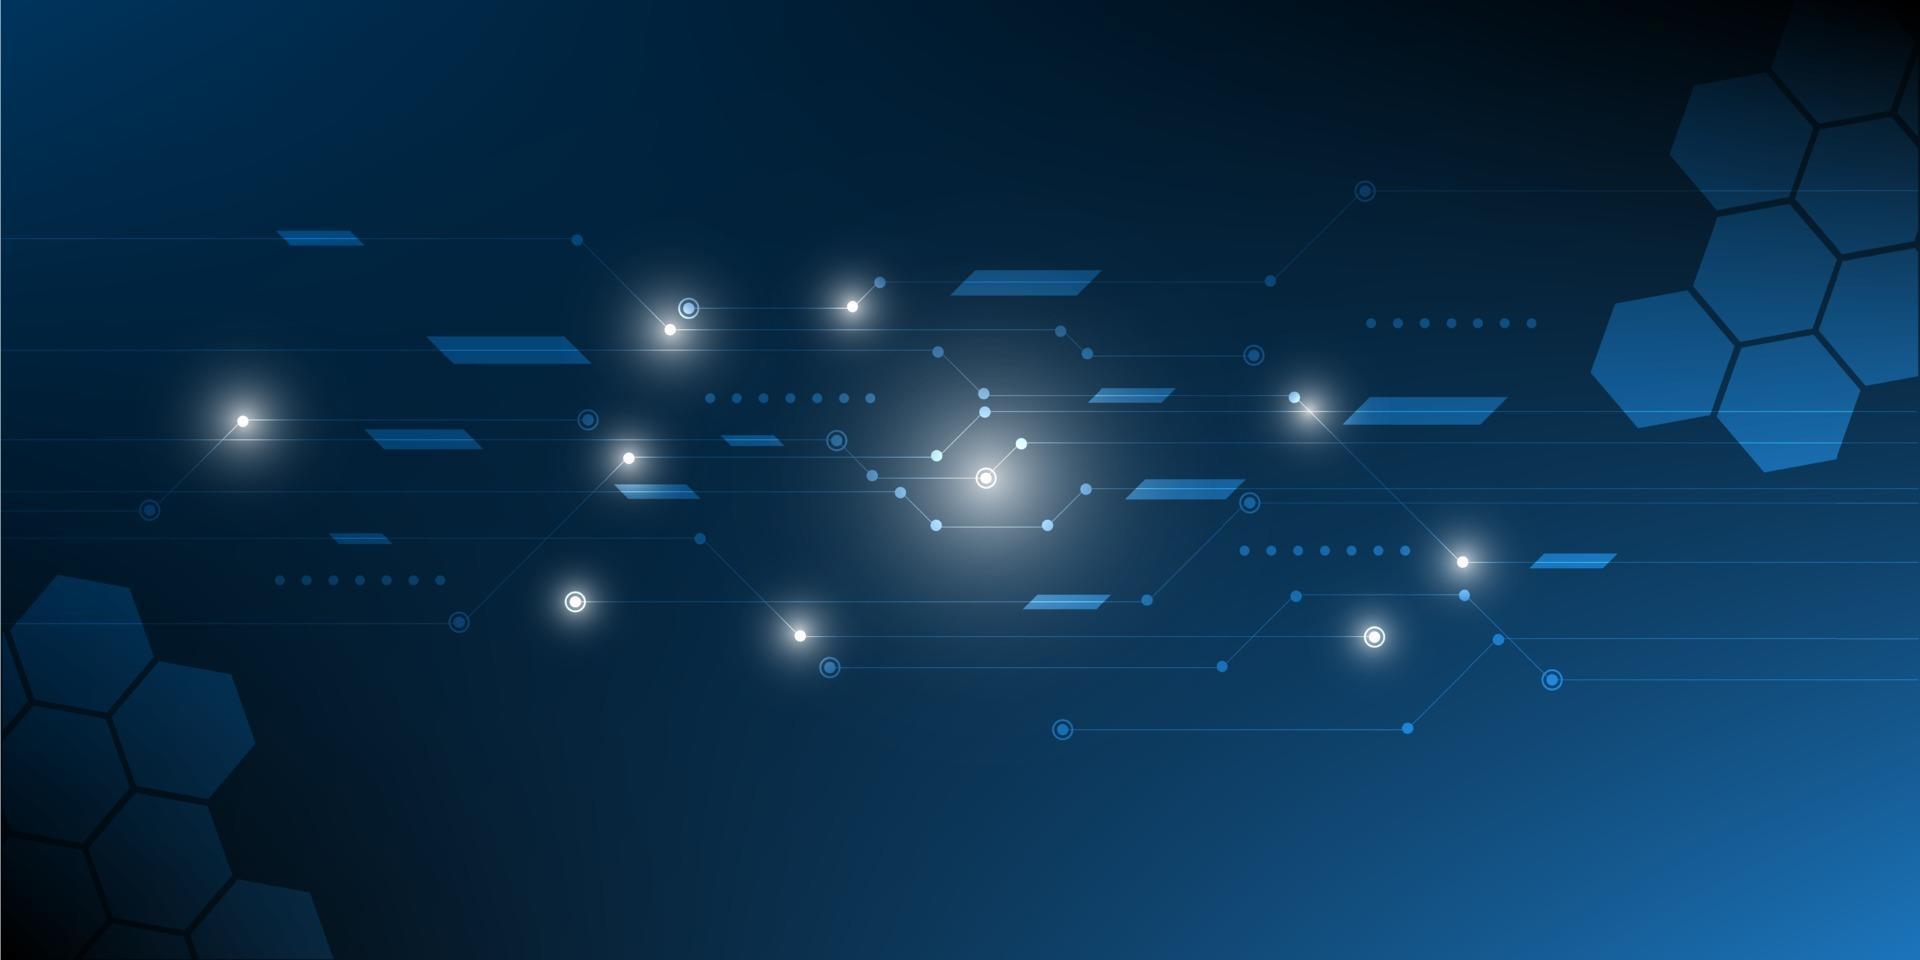 digitale hi-tech zeshoeken technische achtergrond. vector